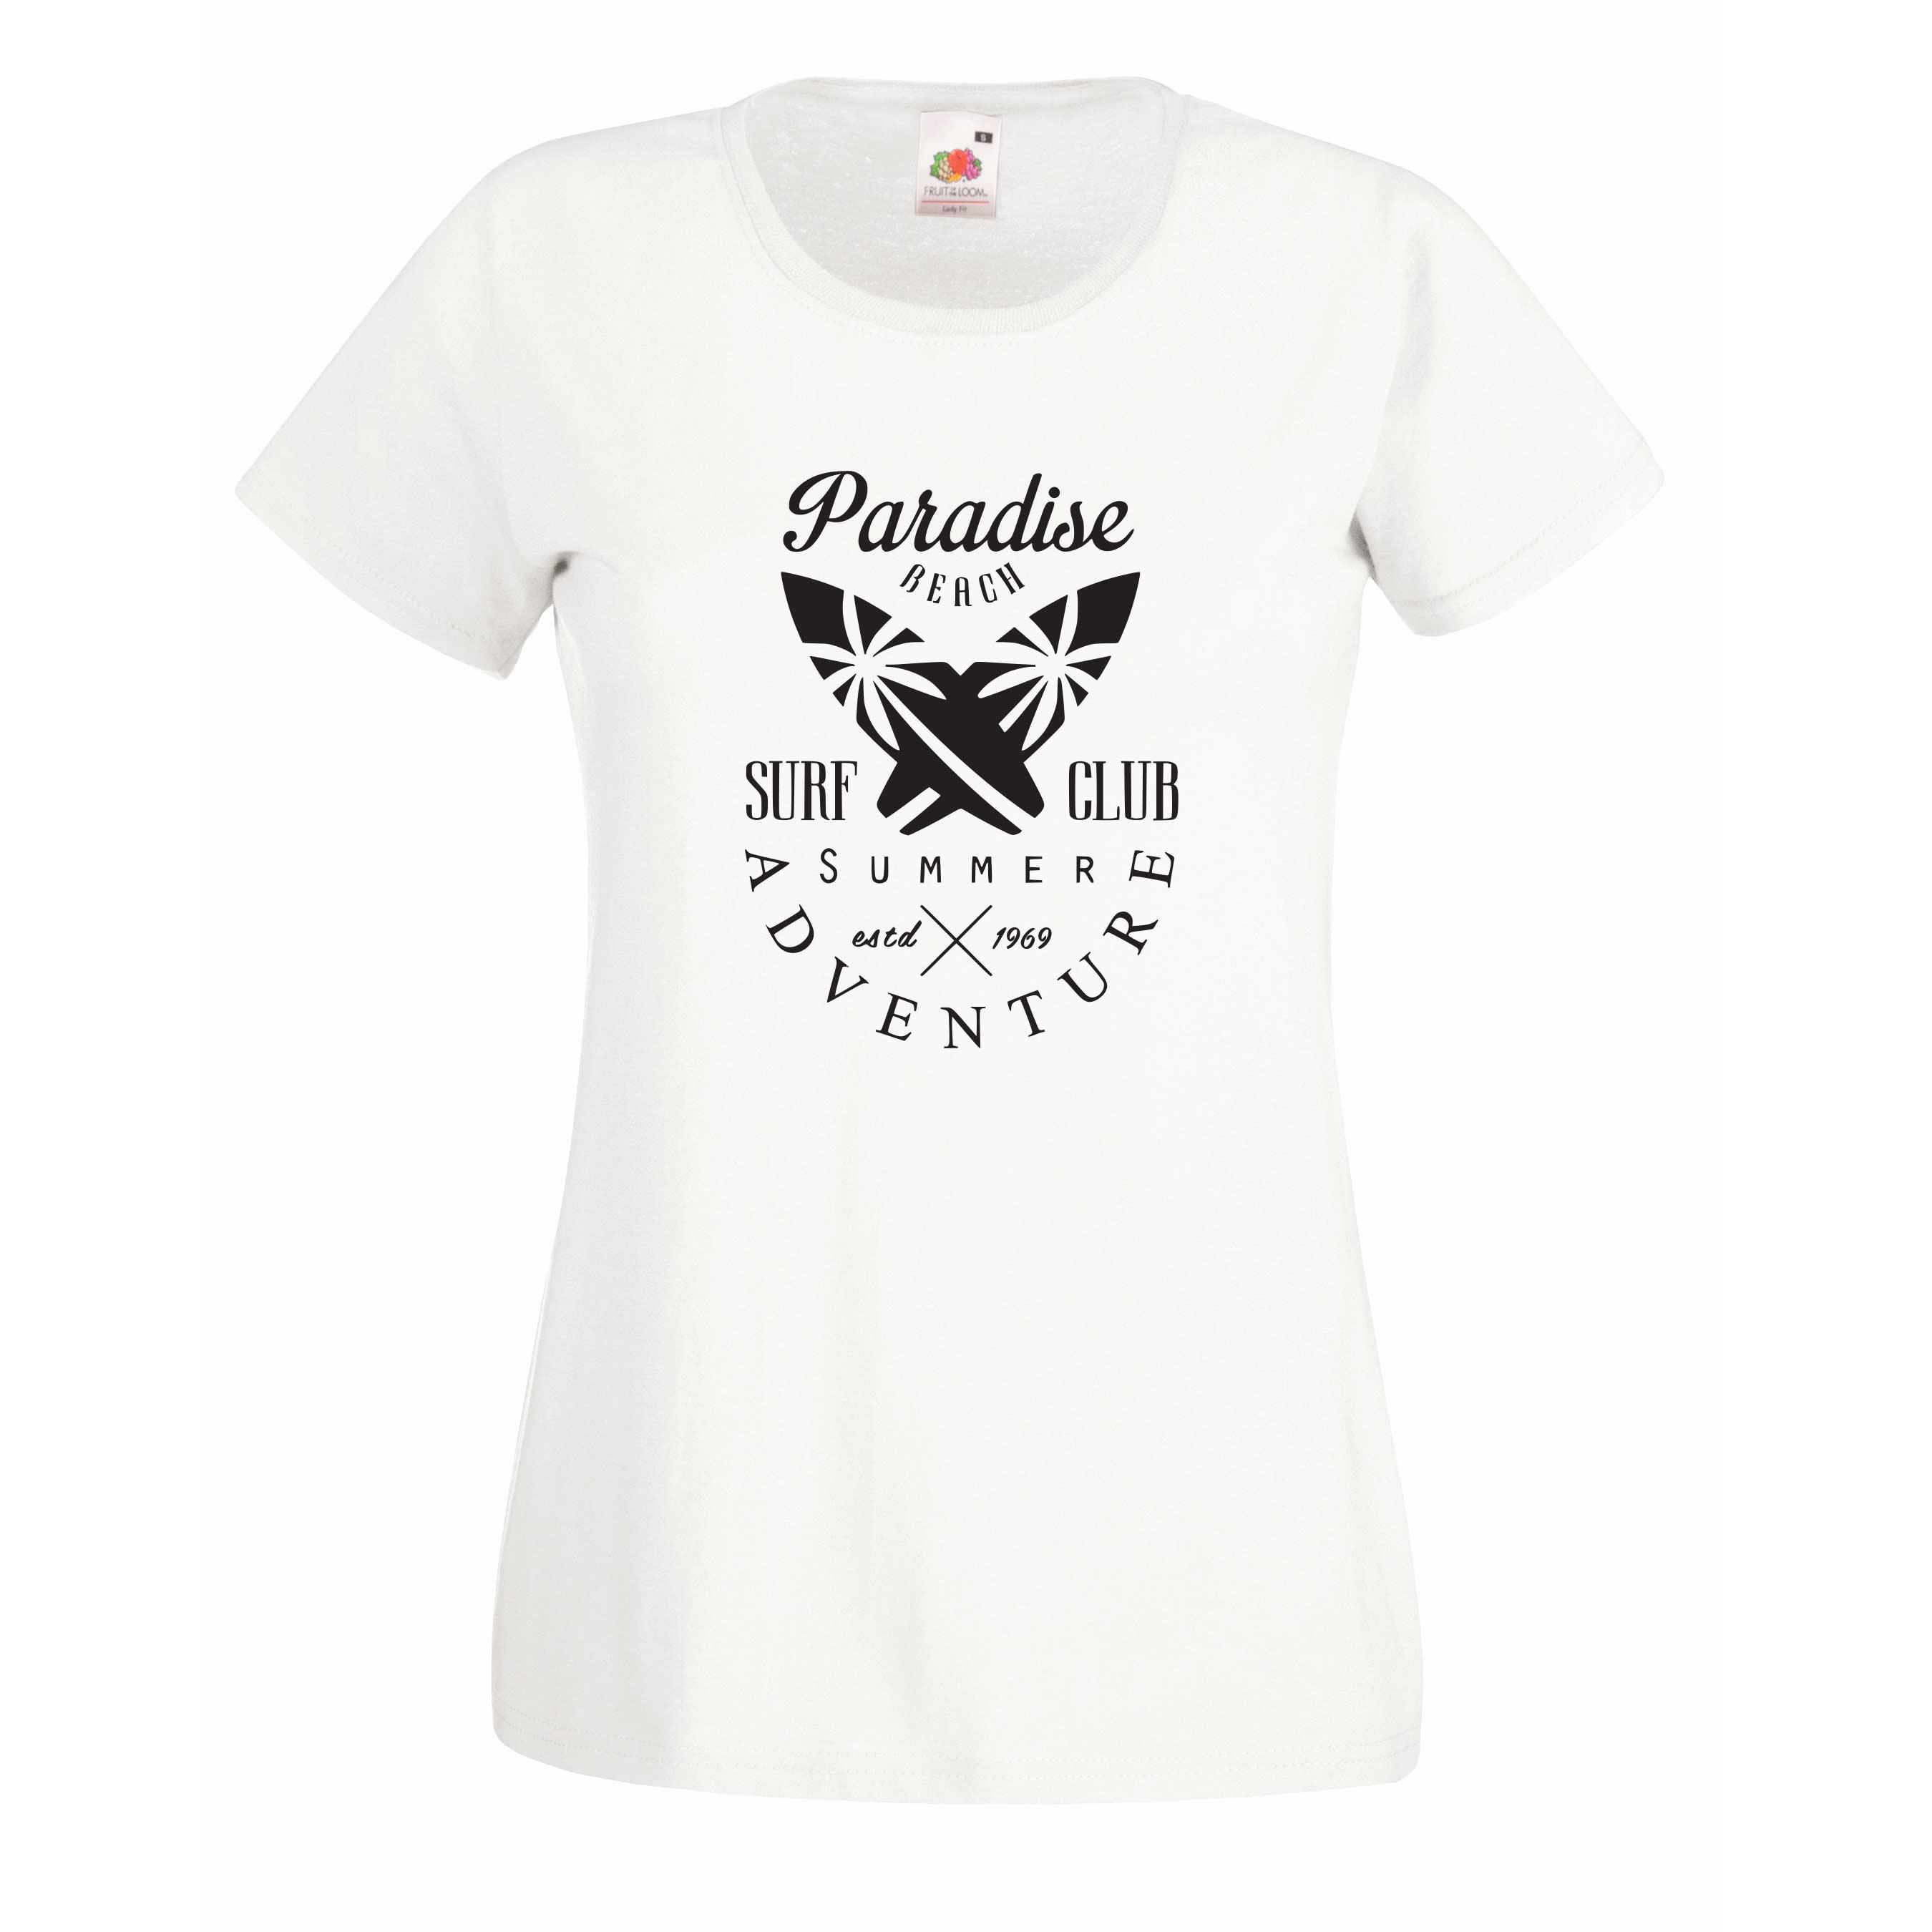 Surf Club design for t-shirt, hoodie & sweatshirt